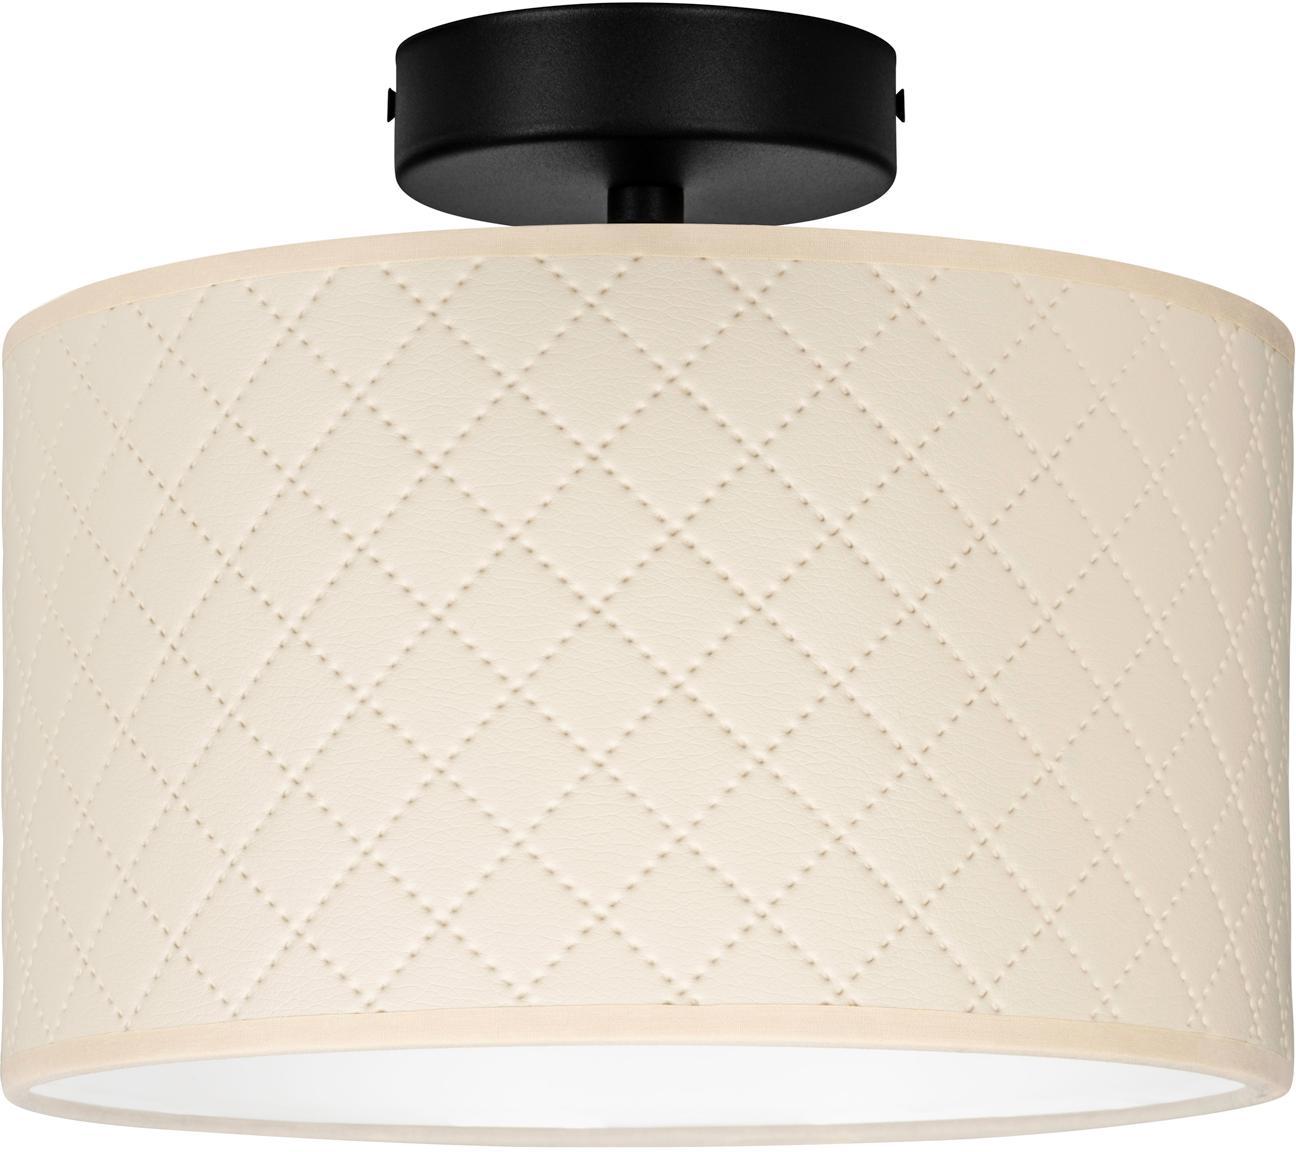 Lampa sufitowa ze skóry Trece, Kremowy, czarny, Ø 25 x W 20 cm